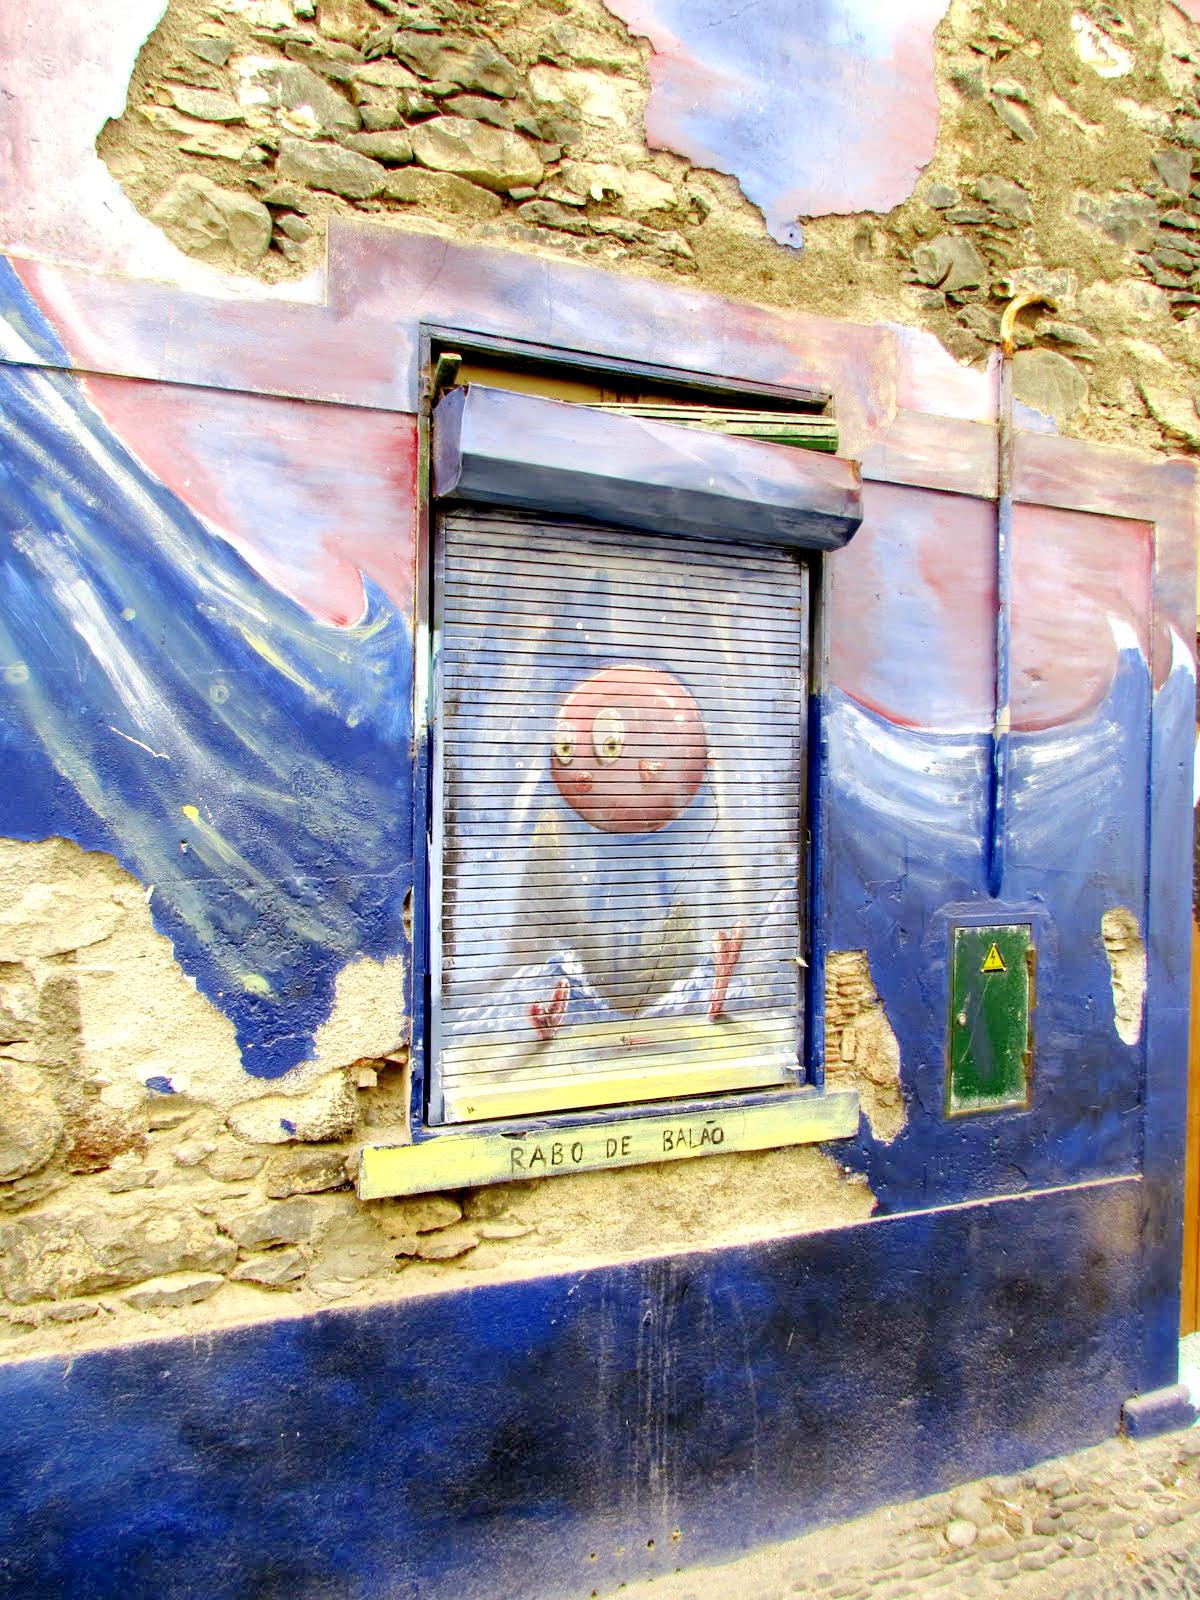 paintings - Santa Maria street in old town